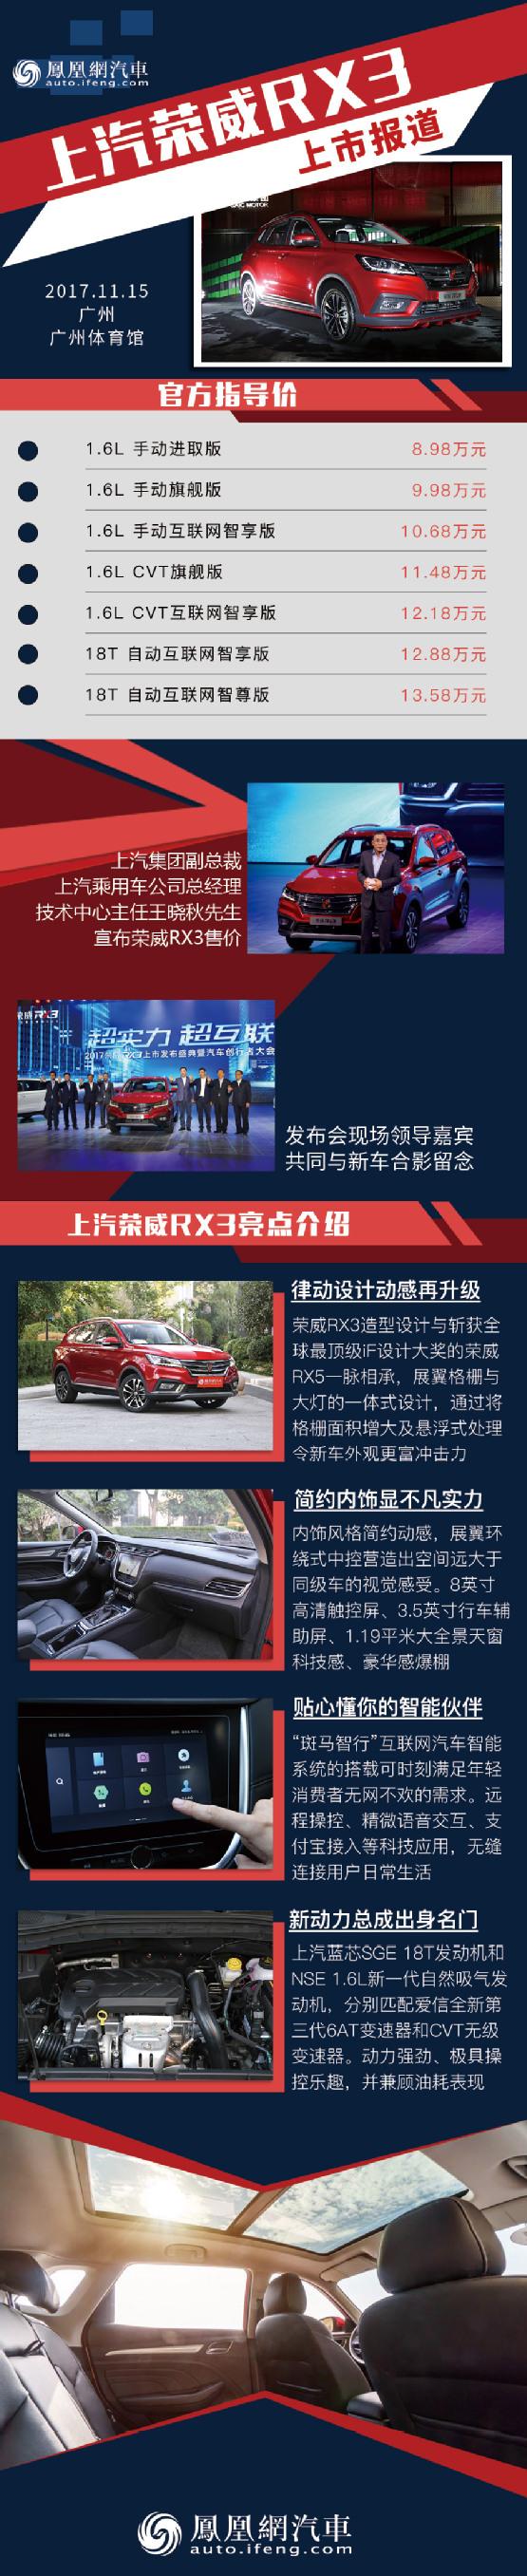 荣威RX3正式上市 售价8.98-13.58万元_凤凰网汽车_凤凰网